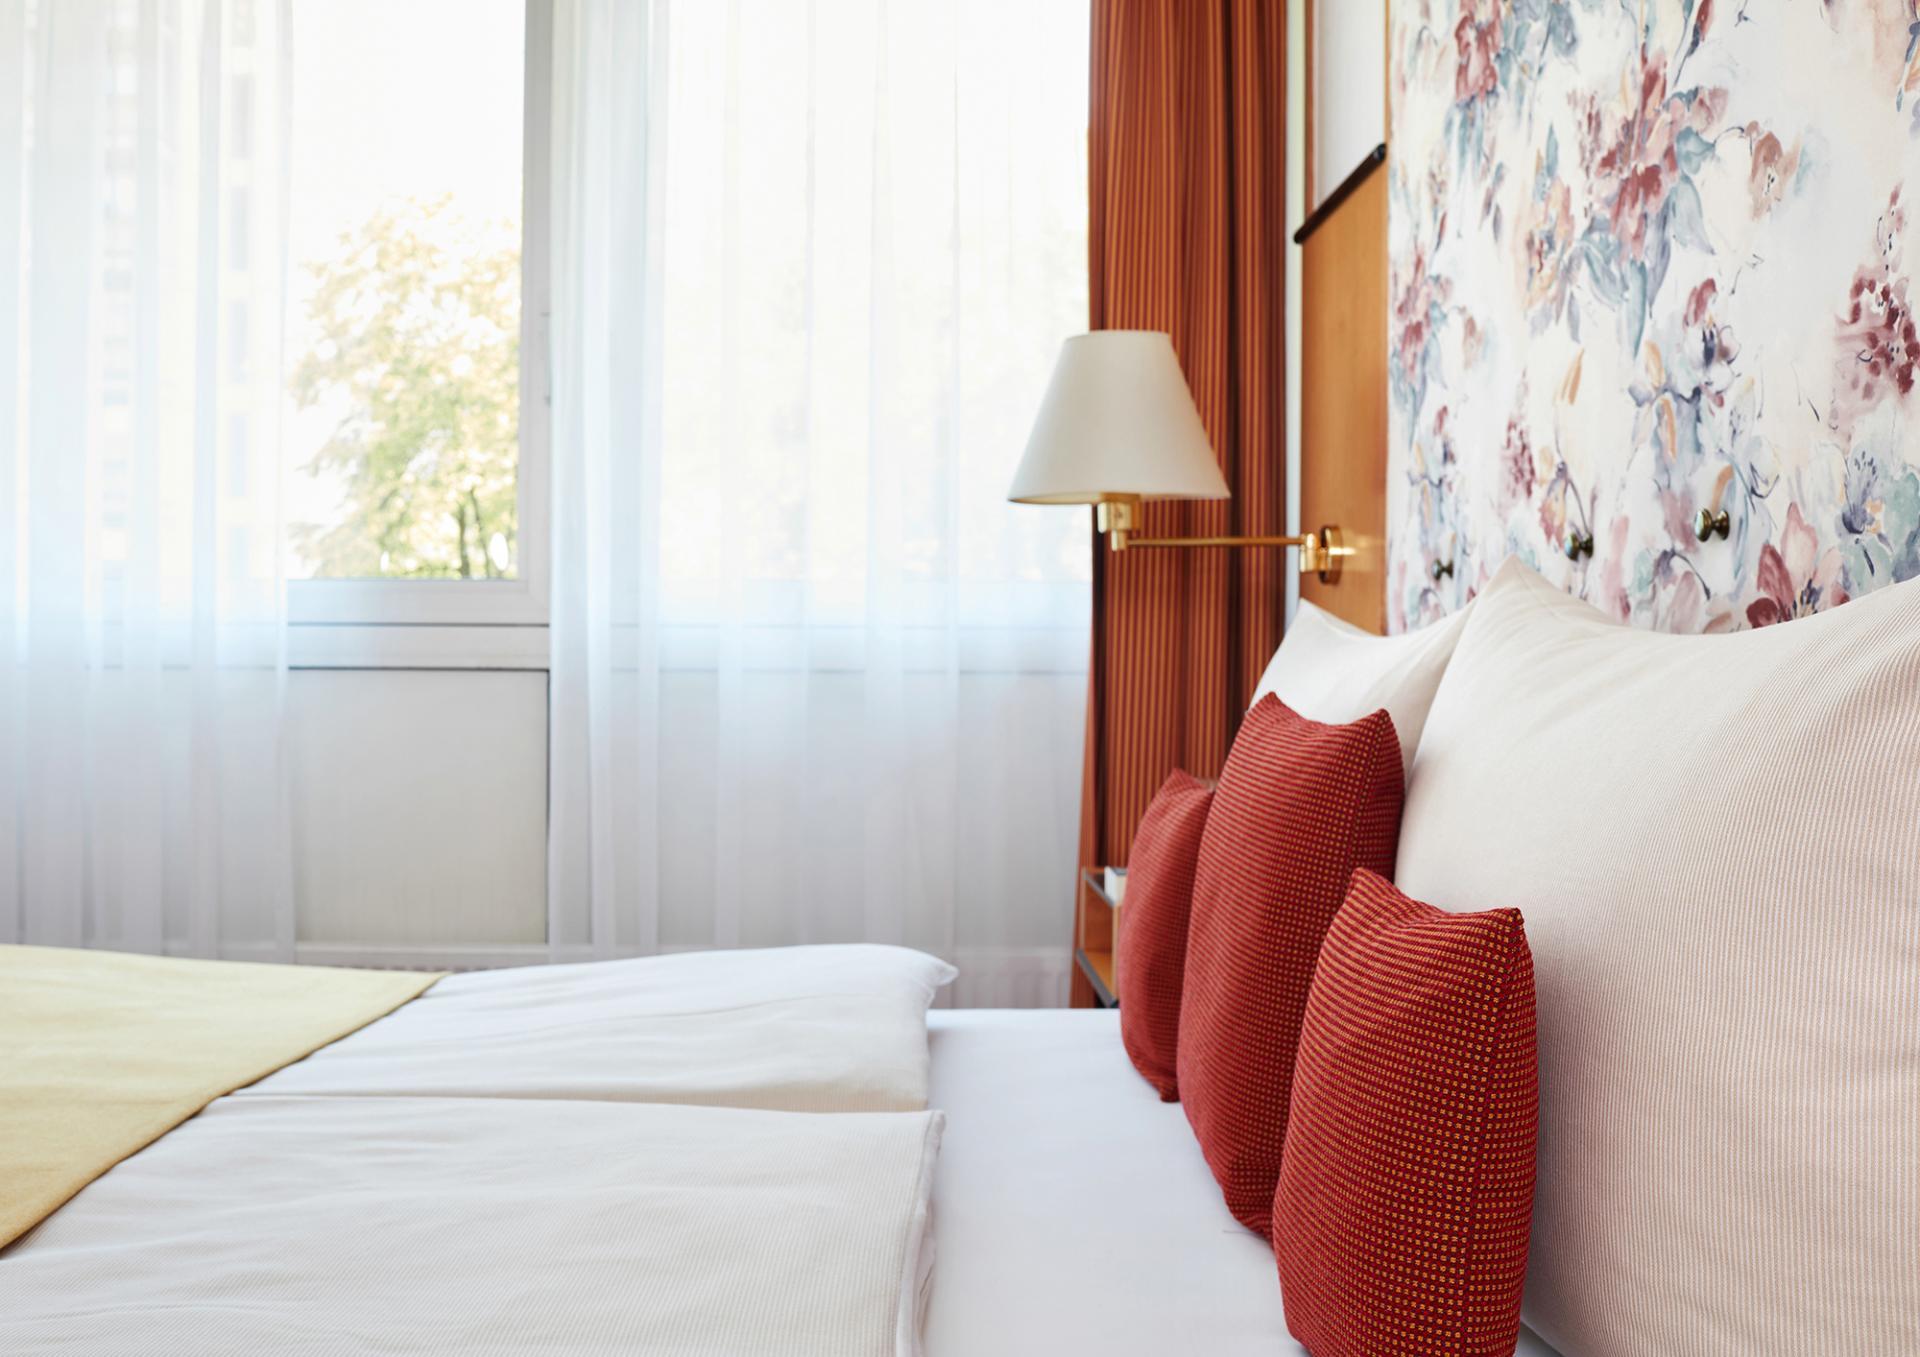 Bedroom at Living Hotel Deutschen Museum Apartments, Haidhausen, Munich